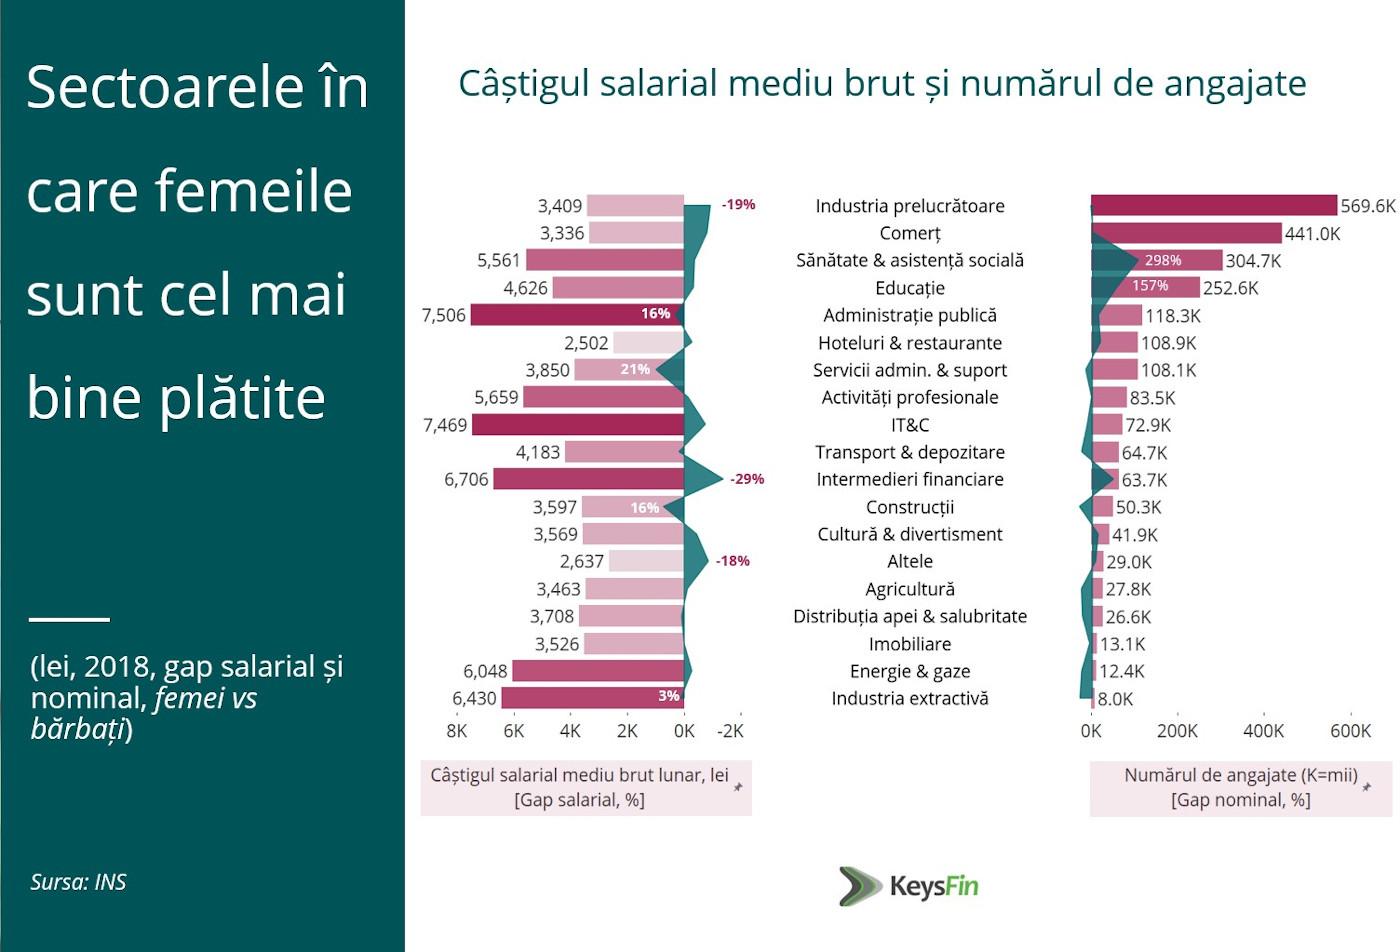 Top sectoare salarii